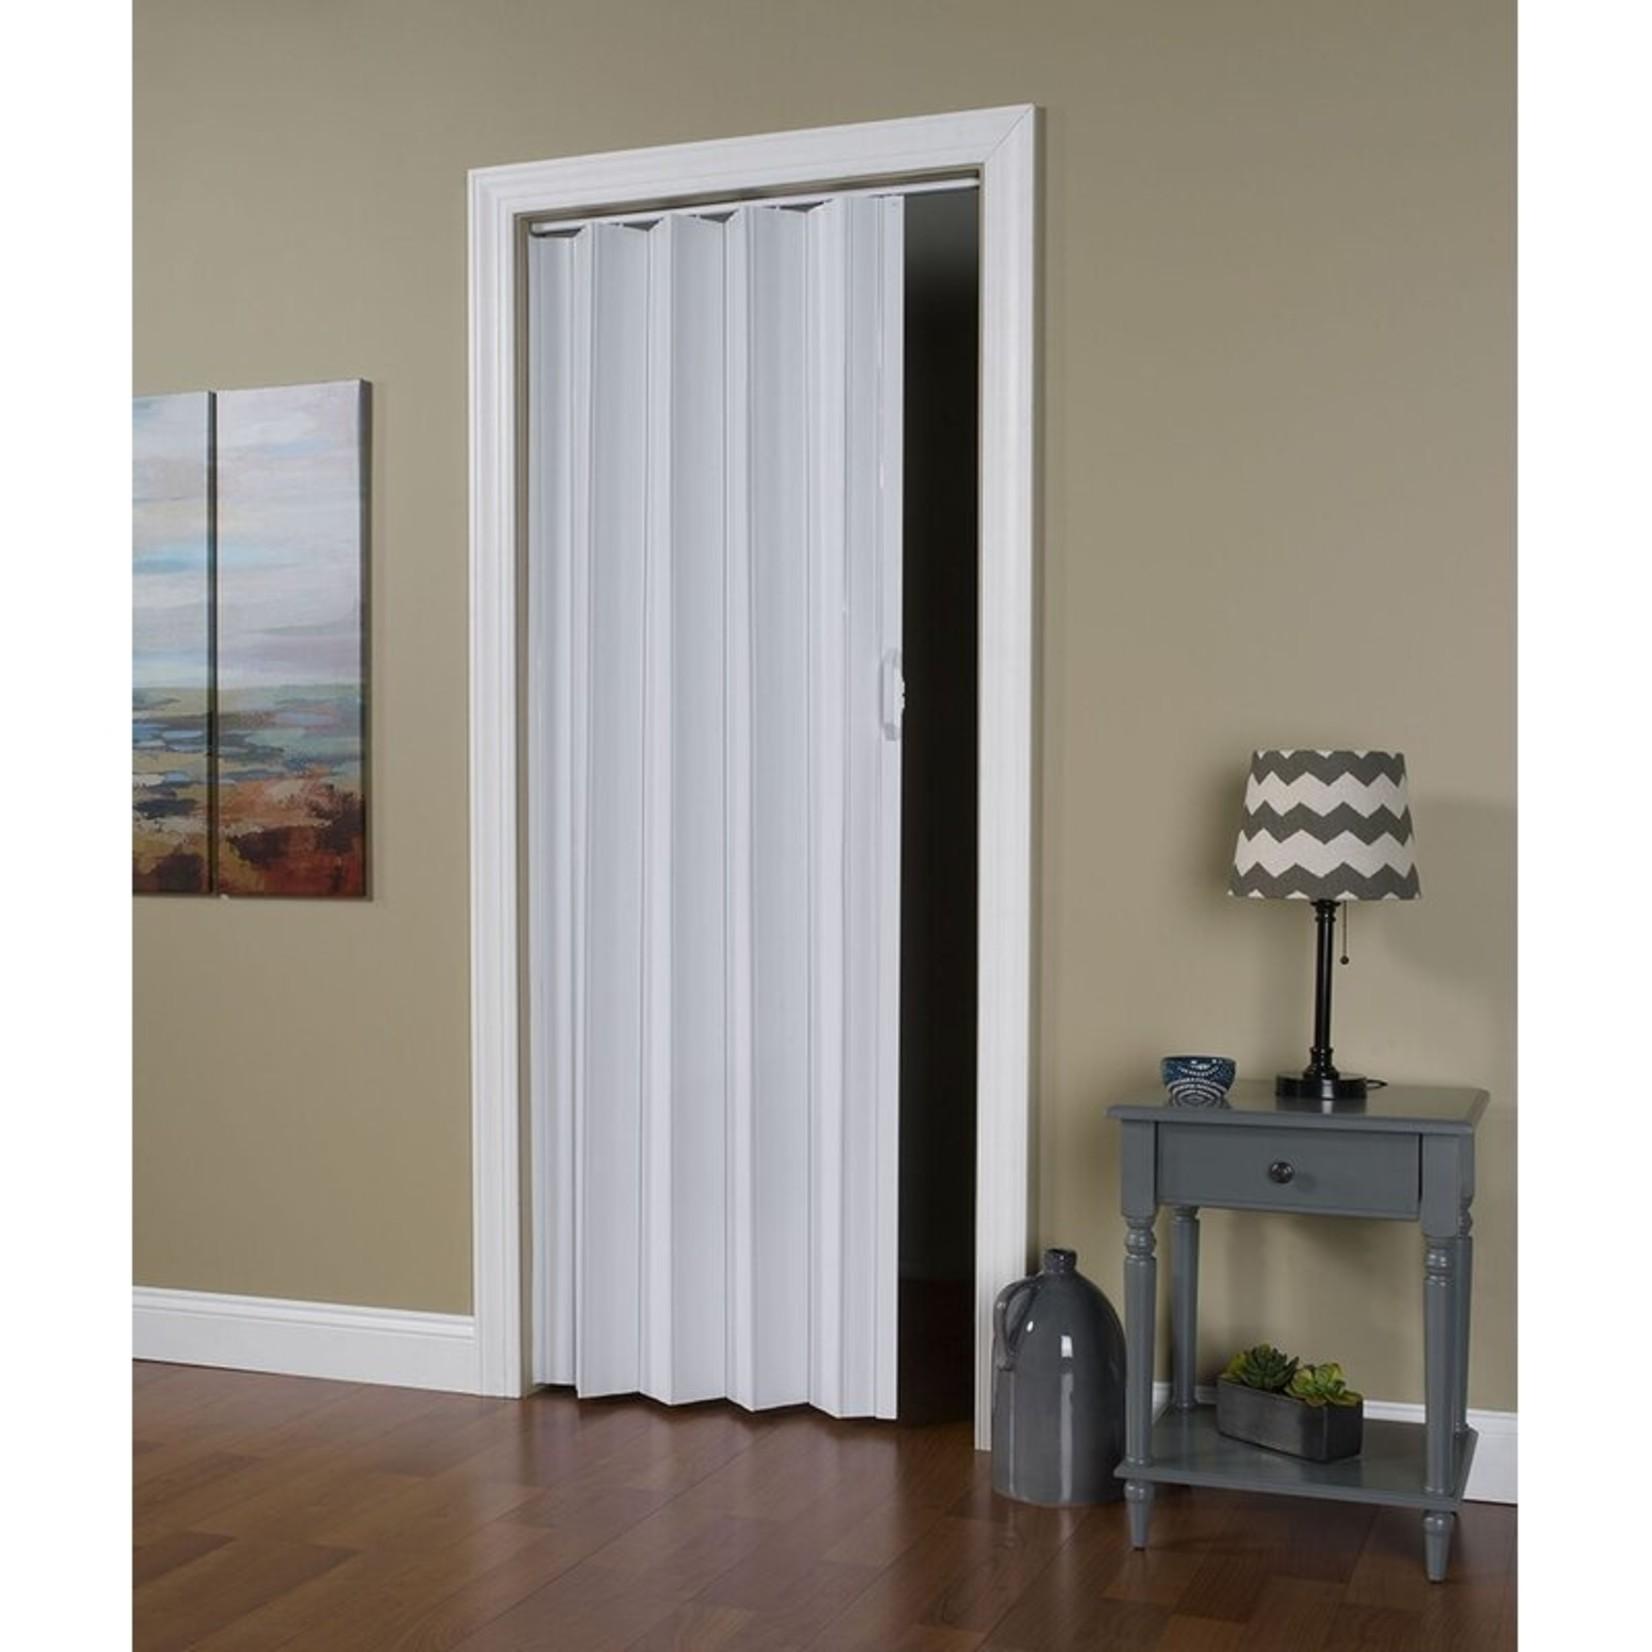 *PVC/Vinyl Homestyle Accordion Door - White